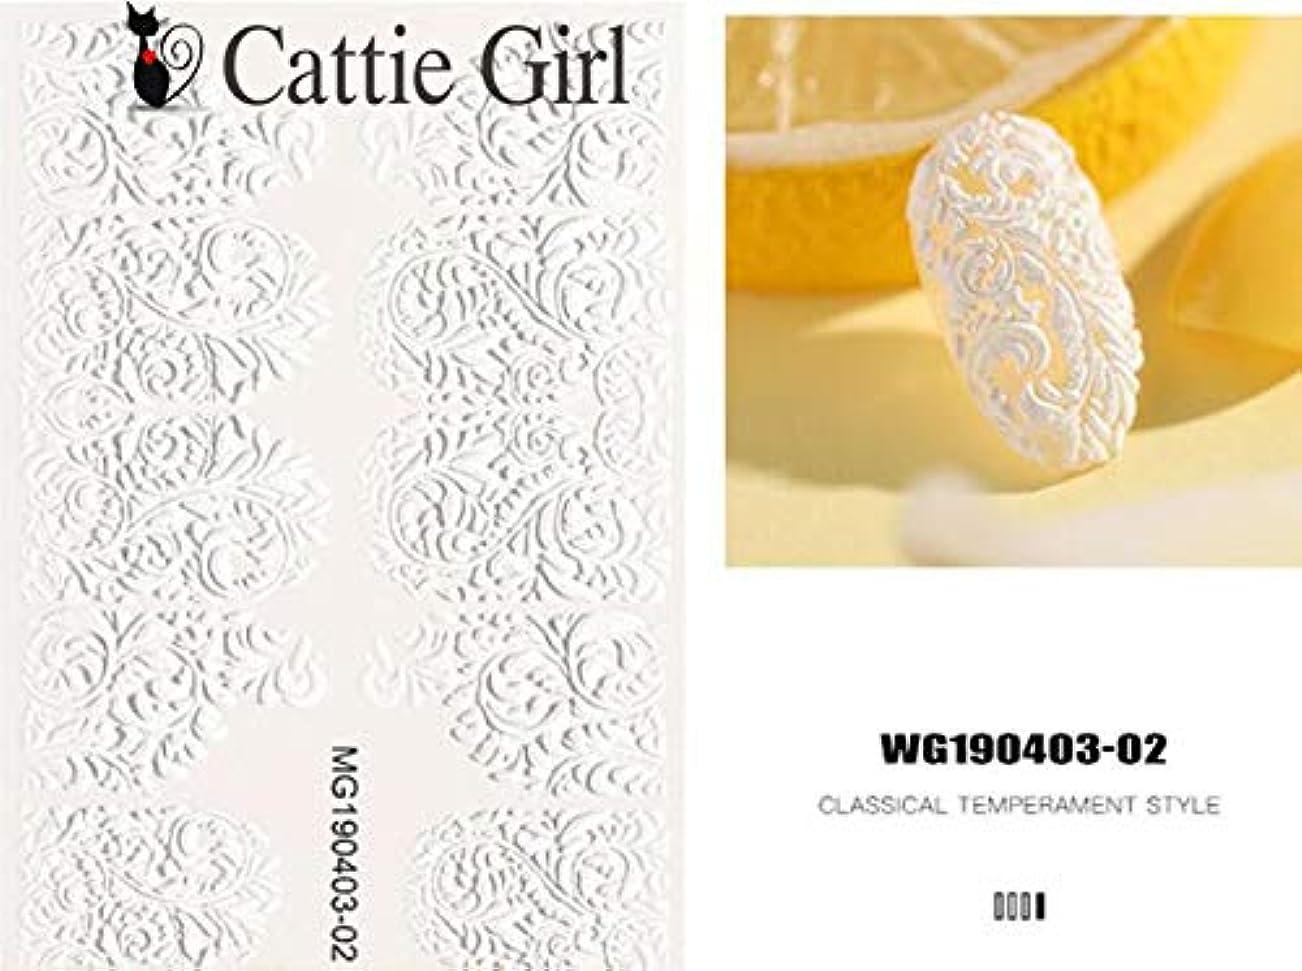 取り戻す滑りやすい密輸Cattie Girl 1シート フラミンゴ レース アクリル ステッカー カラフル フラワー 蝶 花 3Dシール ネイルステッカー ネイルシール ネイルアート ネイルデコ ネイルジュエリー (02)